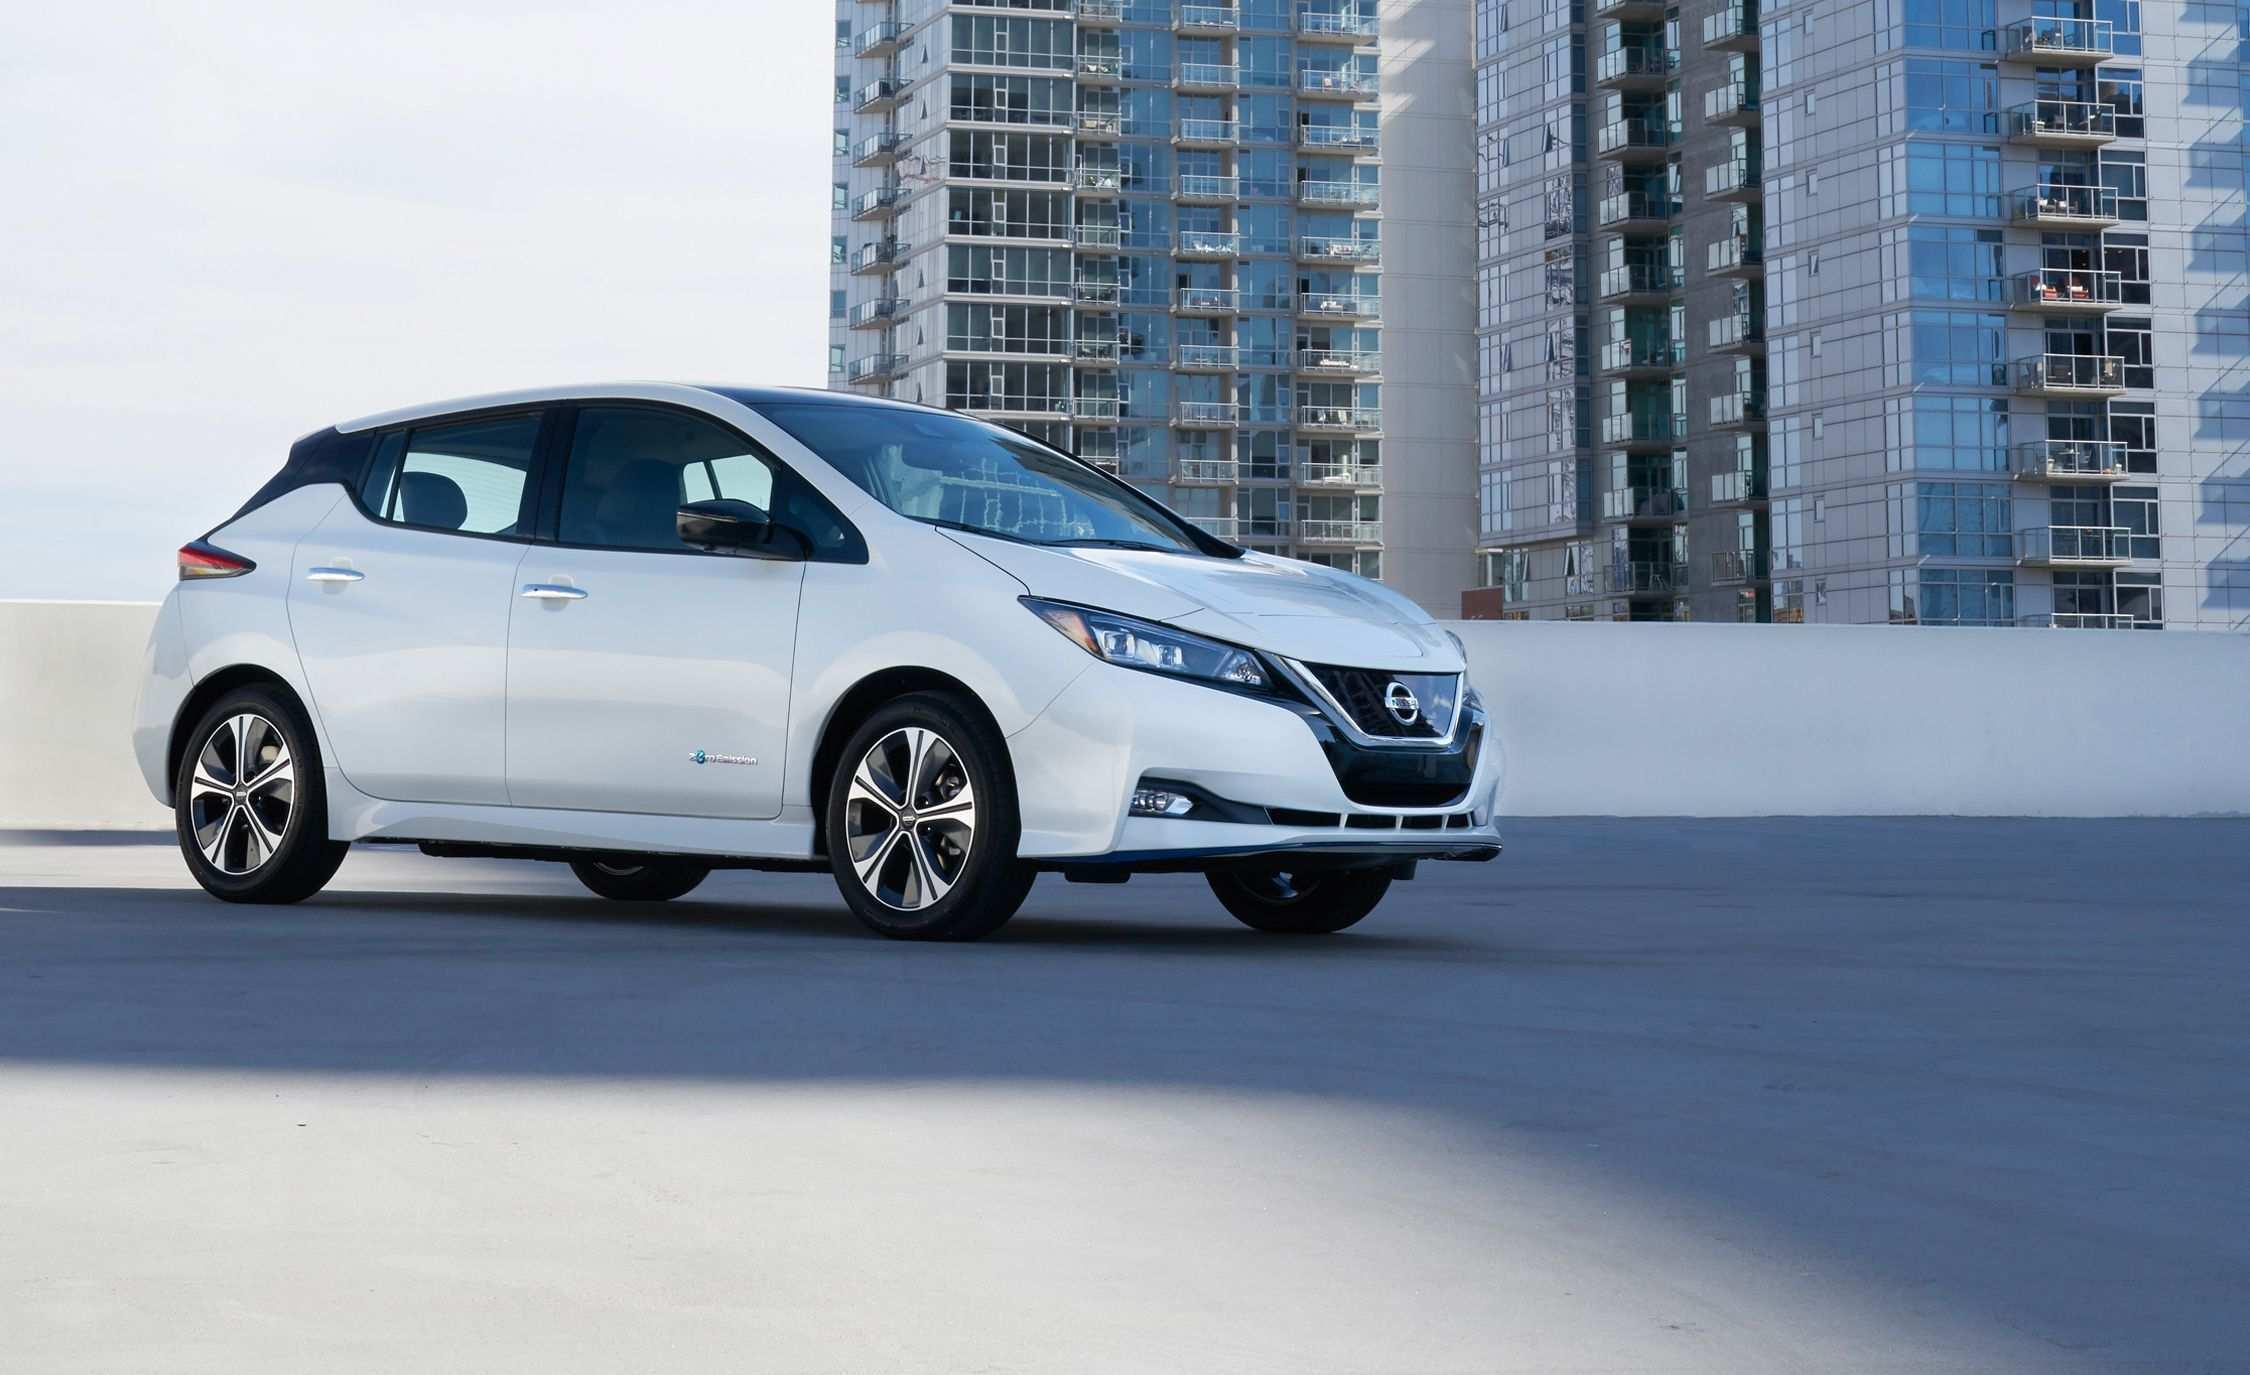 63 All New 2019 Nissan Leaf Ratings for 2019 Nissan Leaf